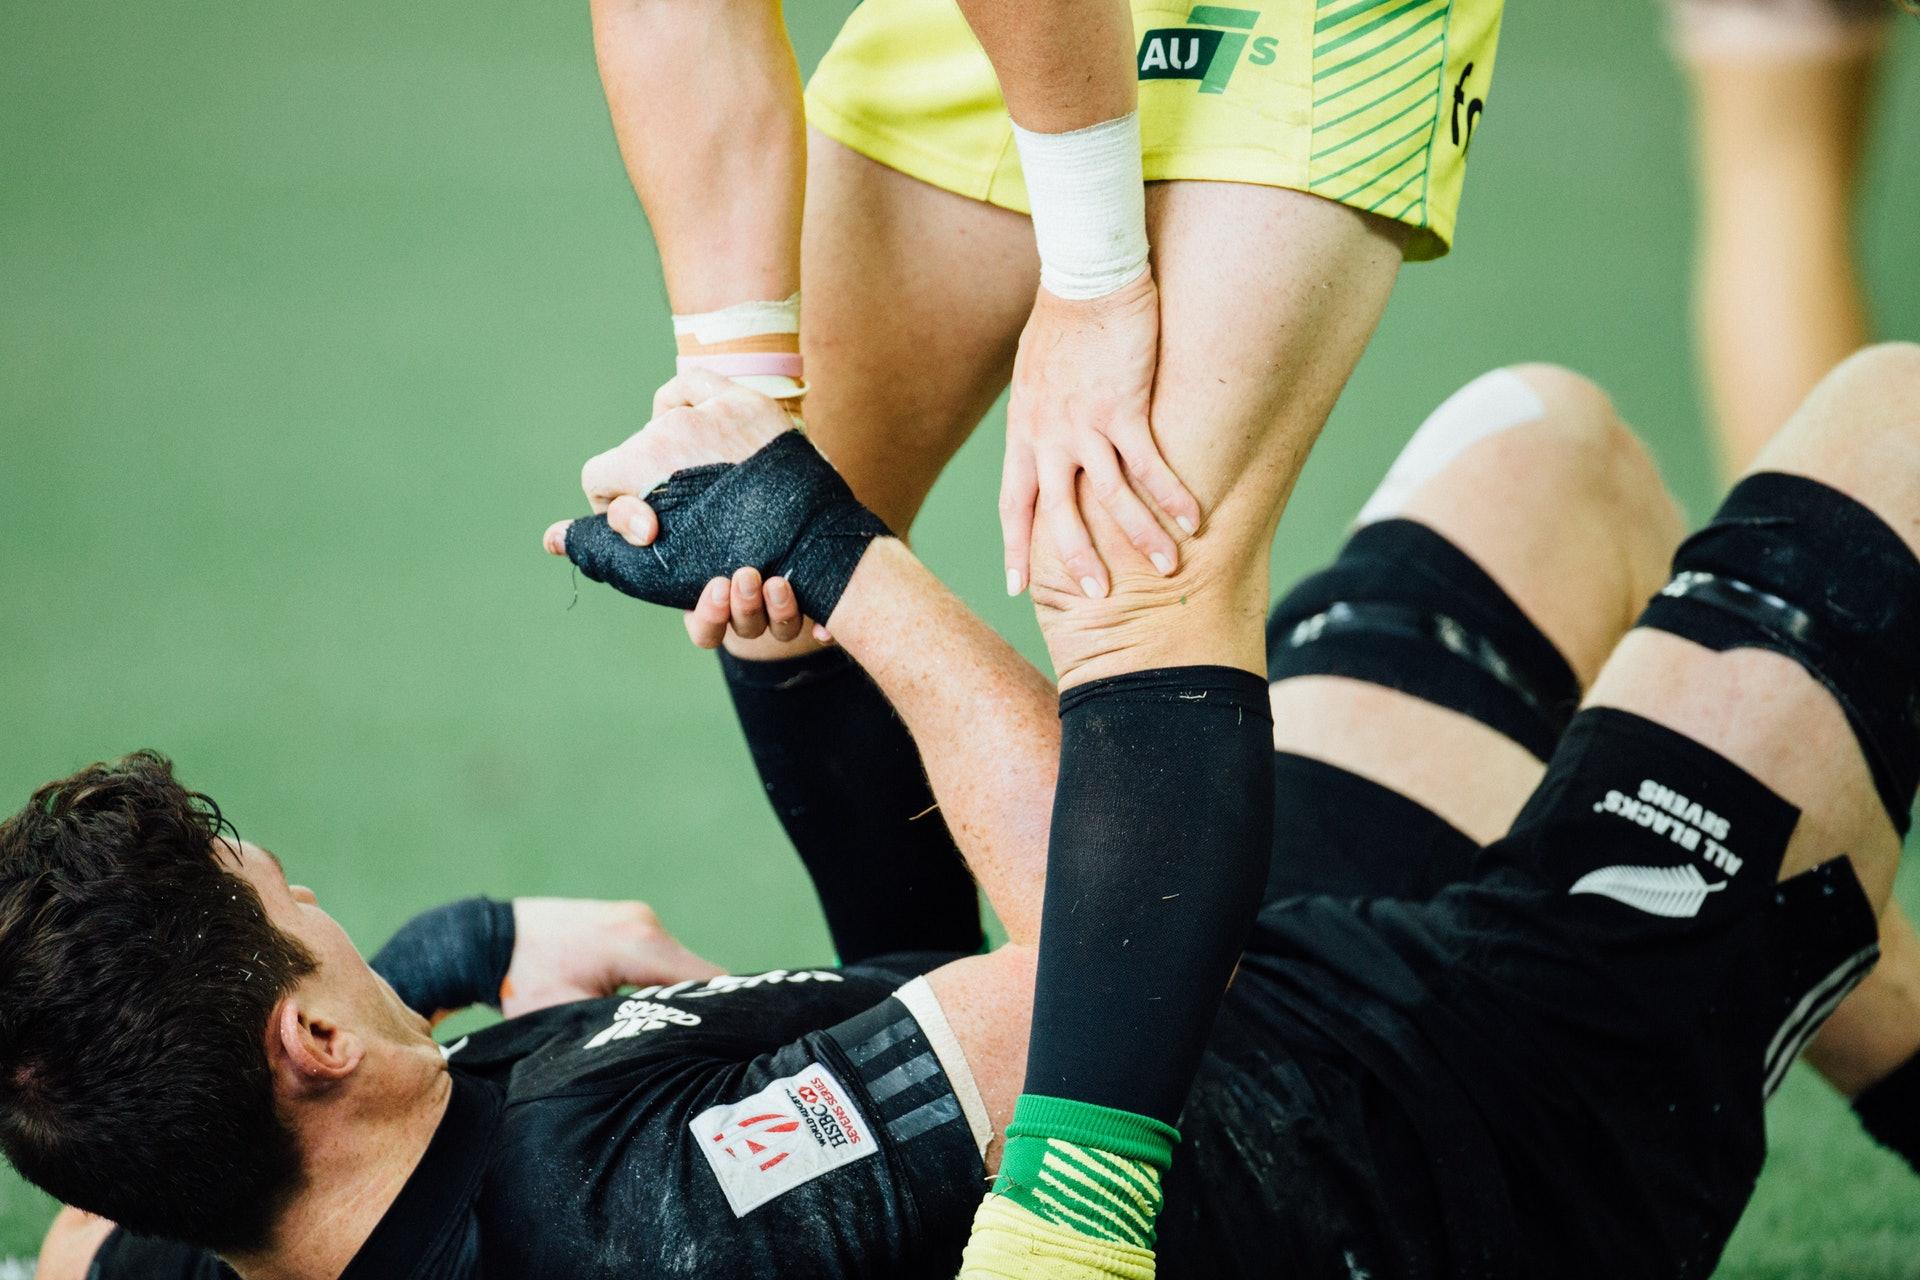 不少運動都涉及身體碰撞,受傷在所難免,因此運動愛好者應掌握傷後護理的基本知識。(Hanson Lu/unsplash)